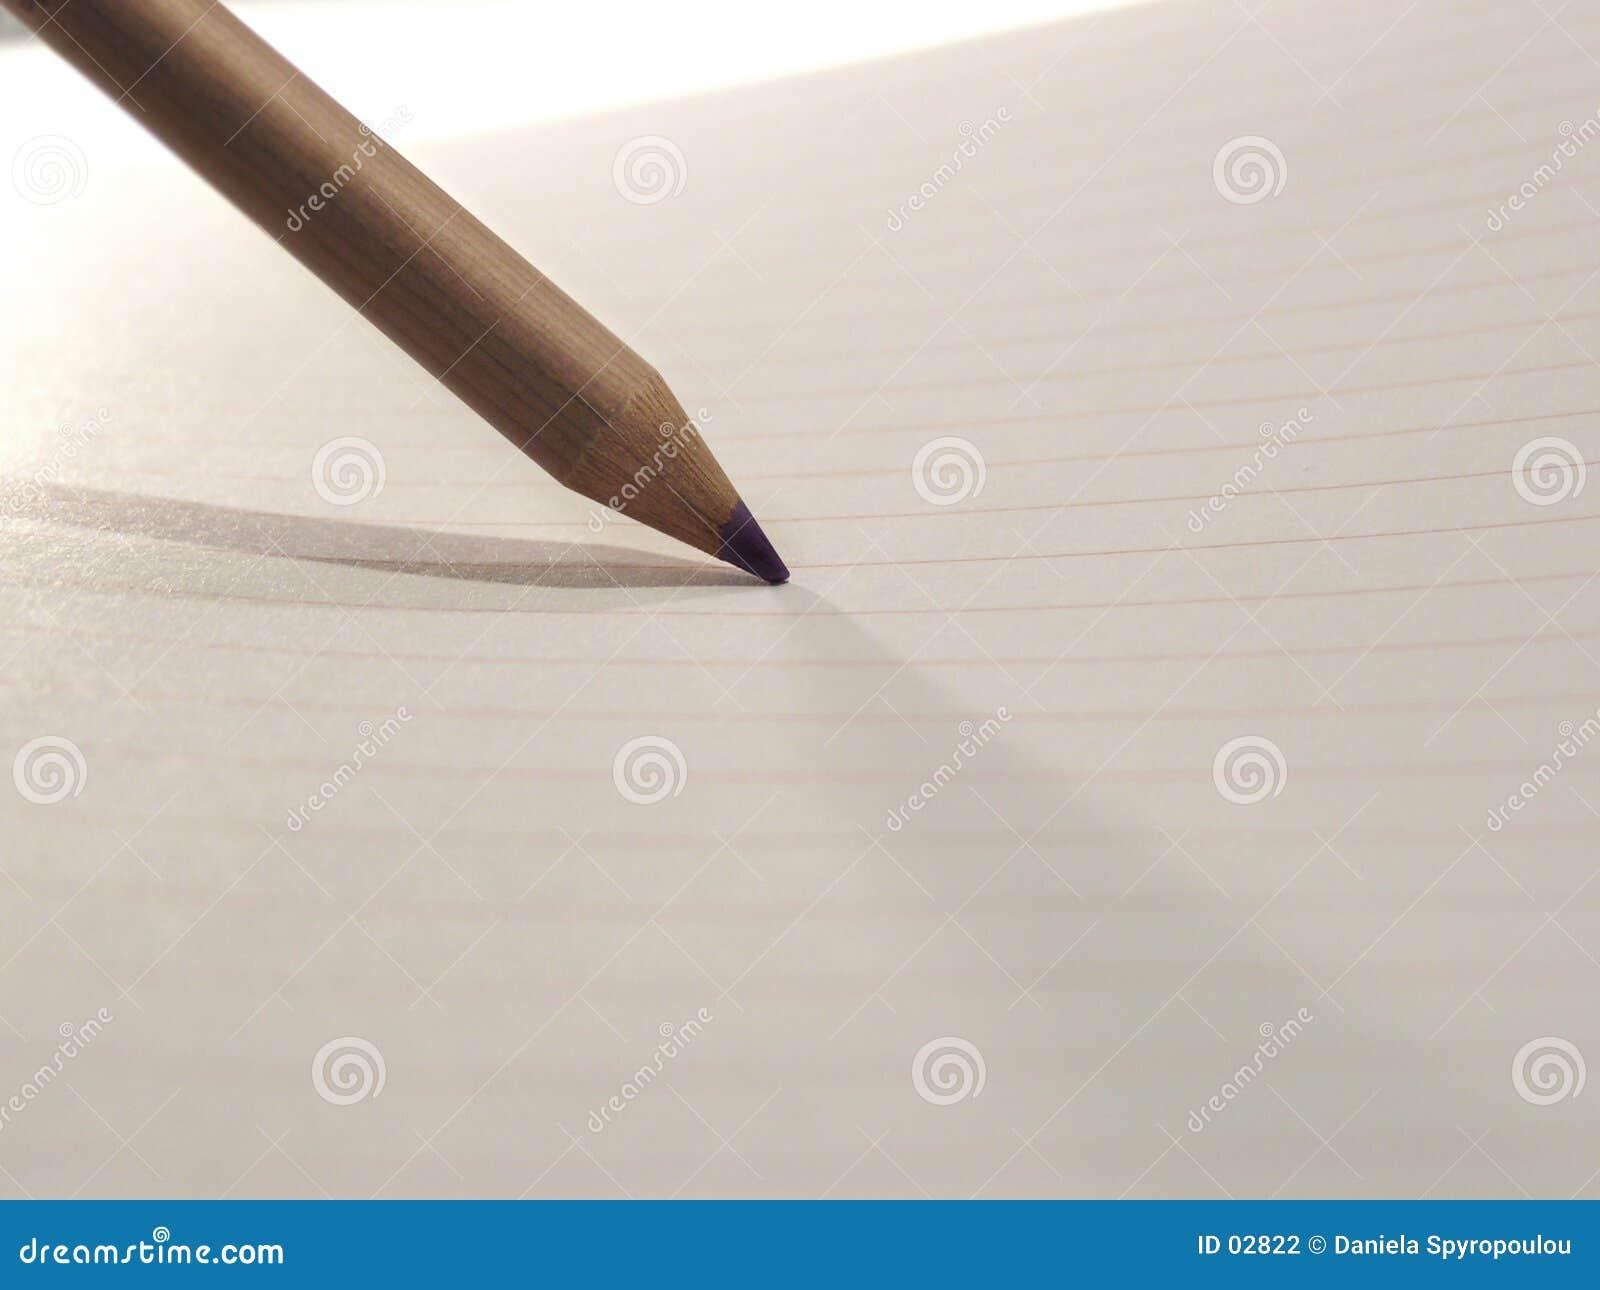 Download Bleistift auf Papier stock abbildung. Illustration von holzkohle - 2822